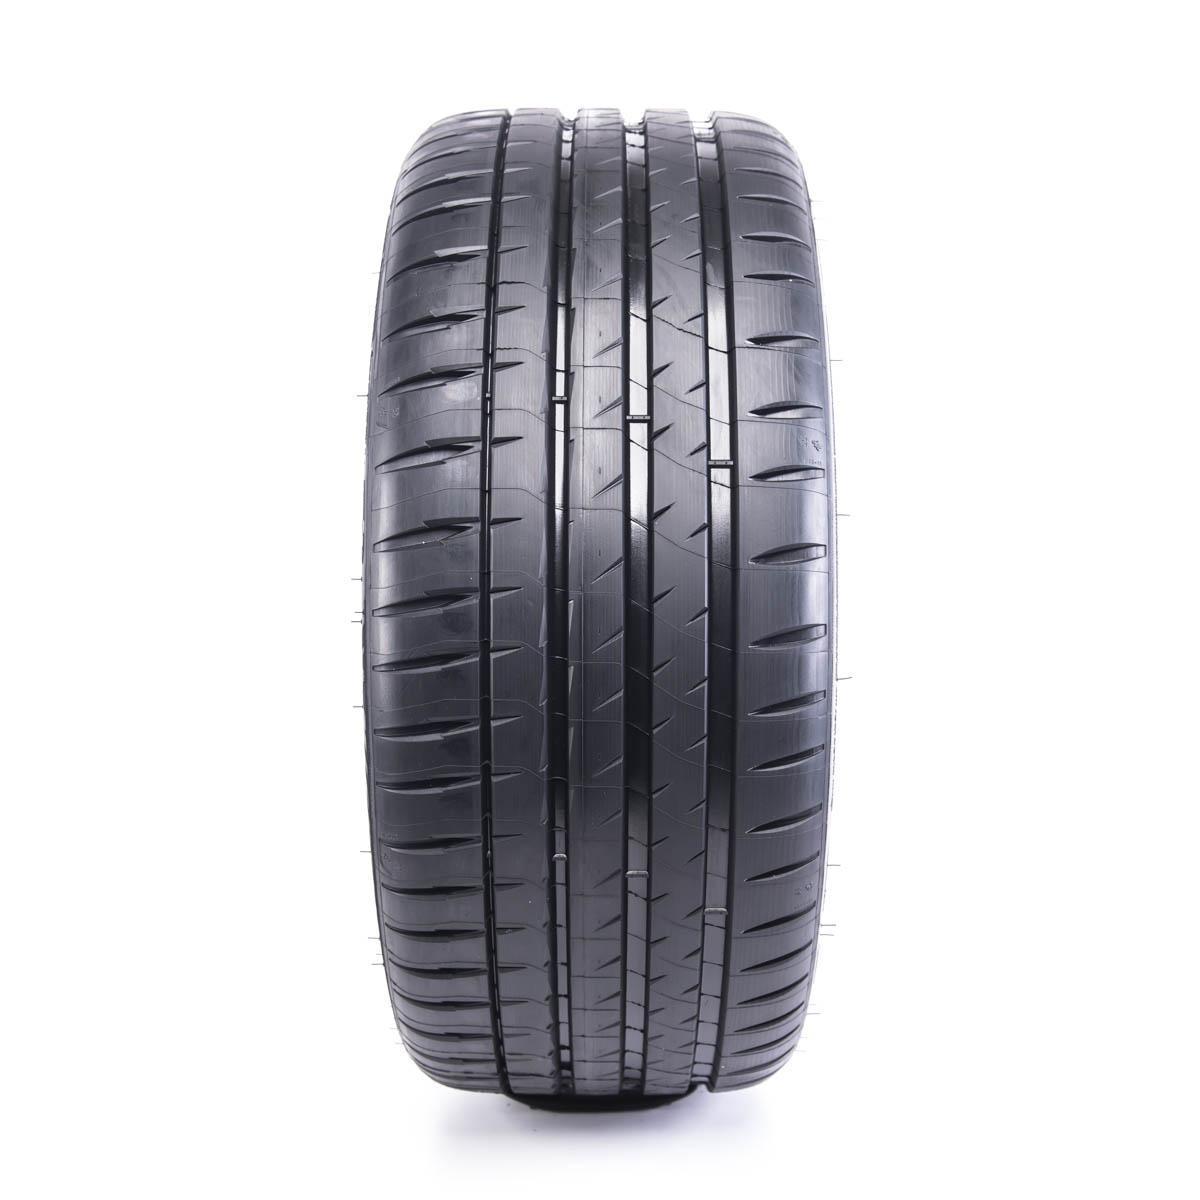 Michelin Pilot Sport 4 S - zdjęcie dodatkowe nr 2